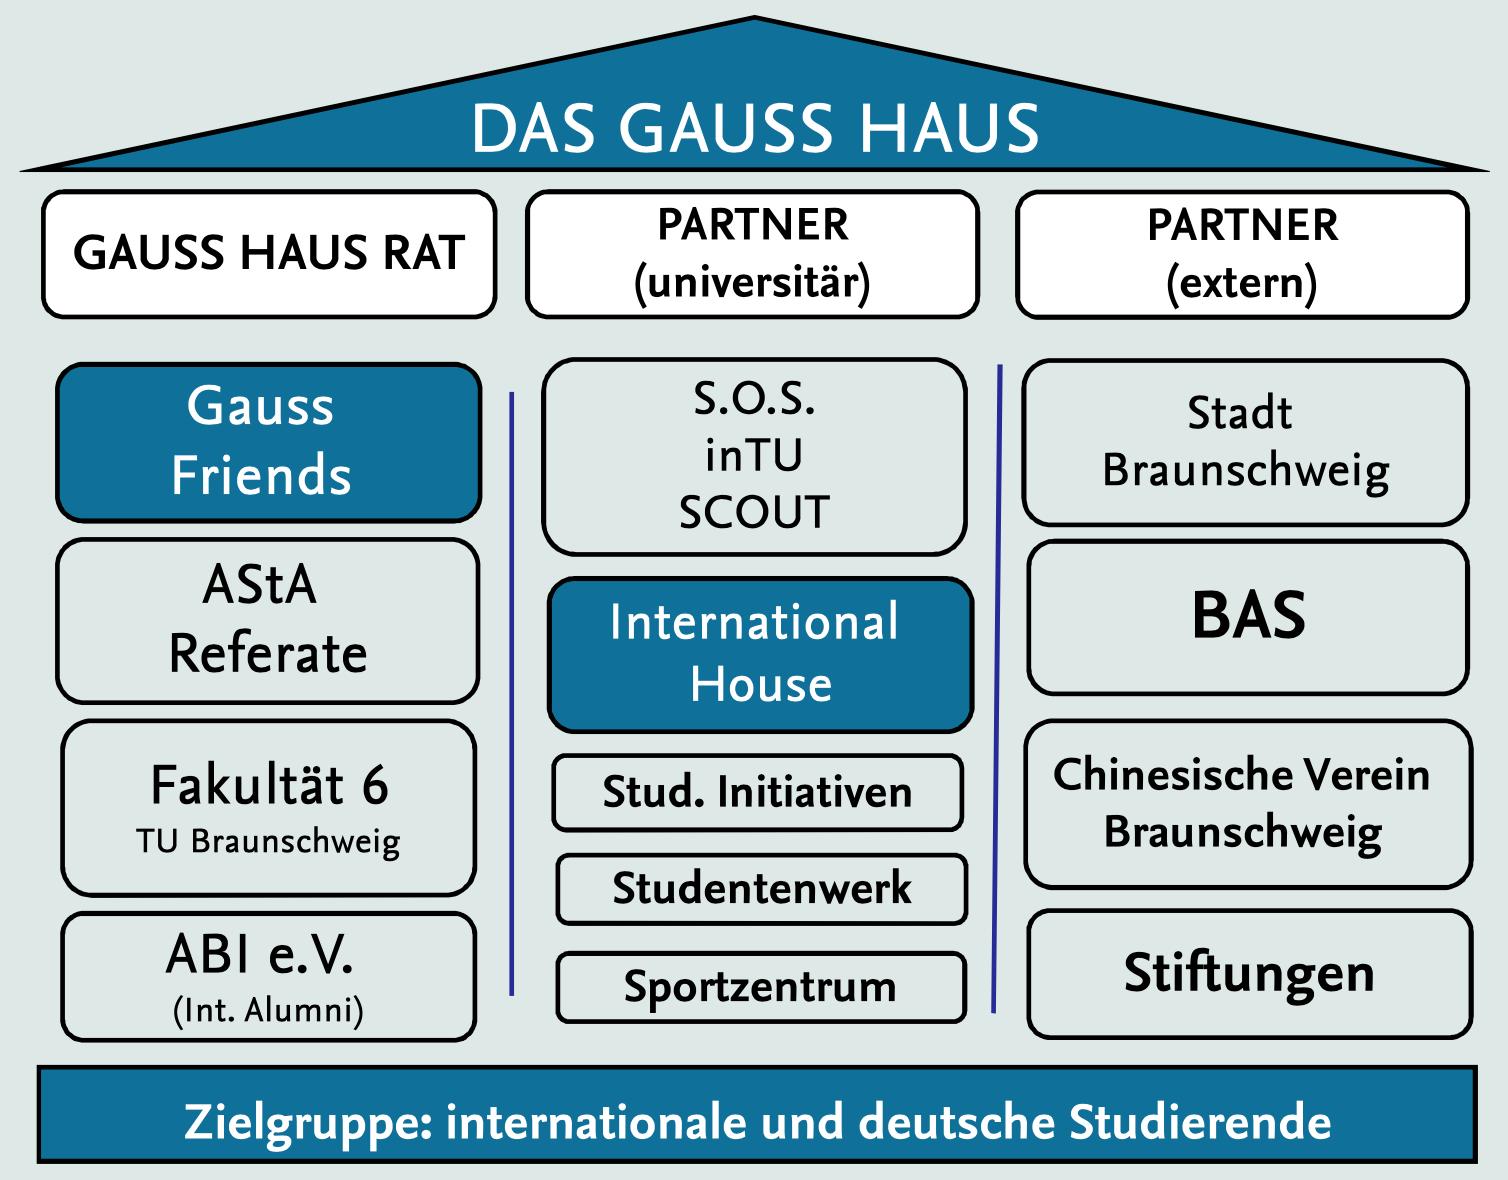 Gauss Haus Strucktur